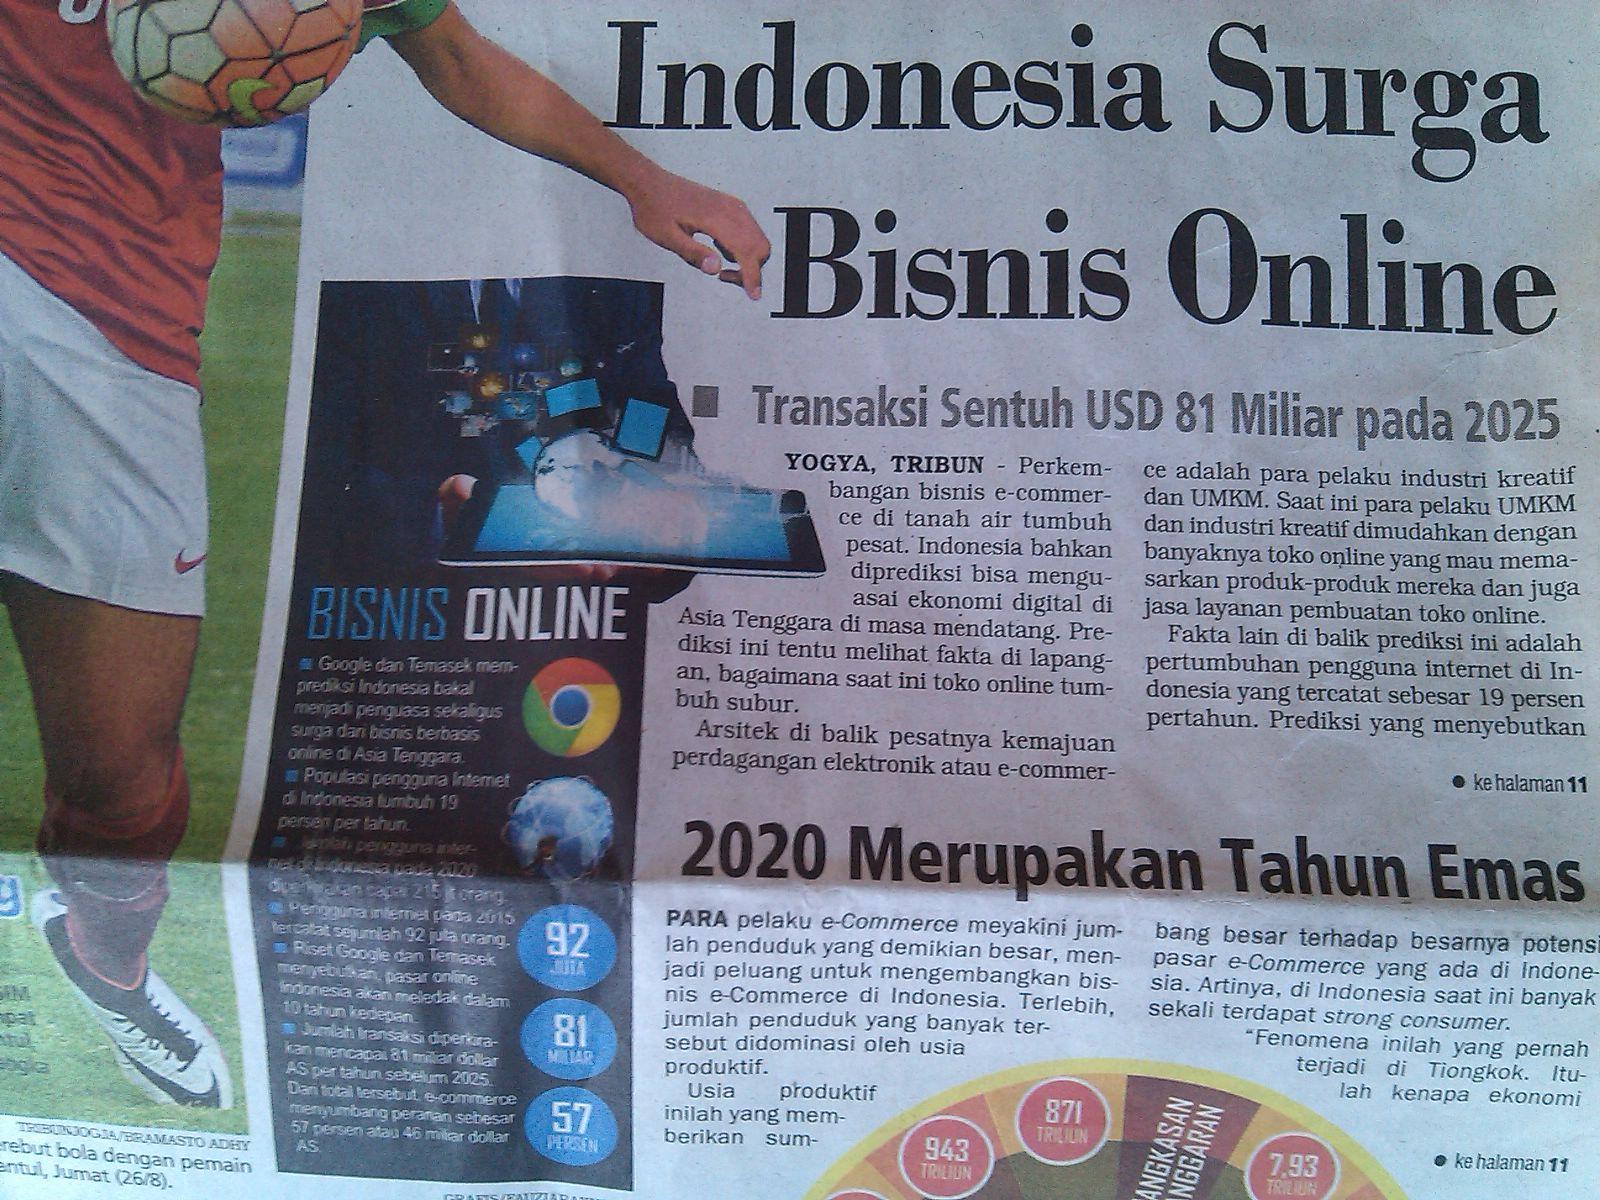 Indonesia Merupakan Surga Bisnis Online di Asia Tenggara